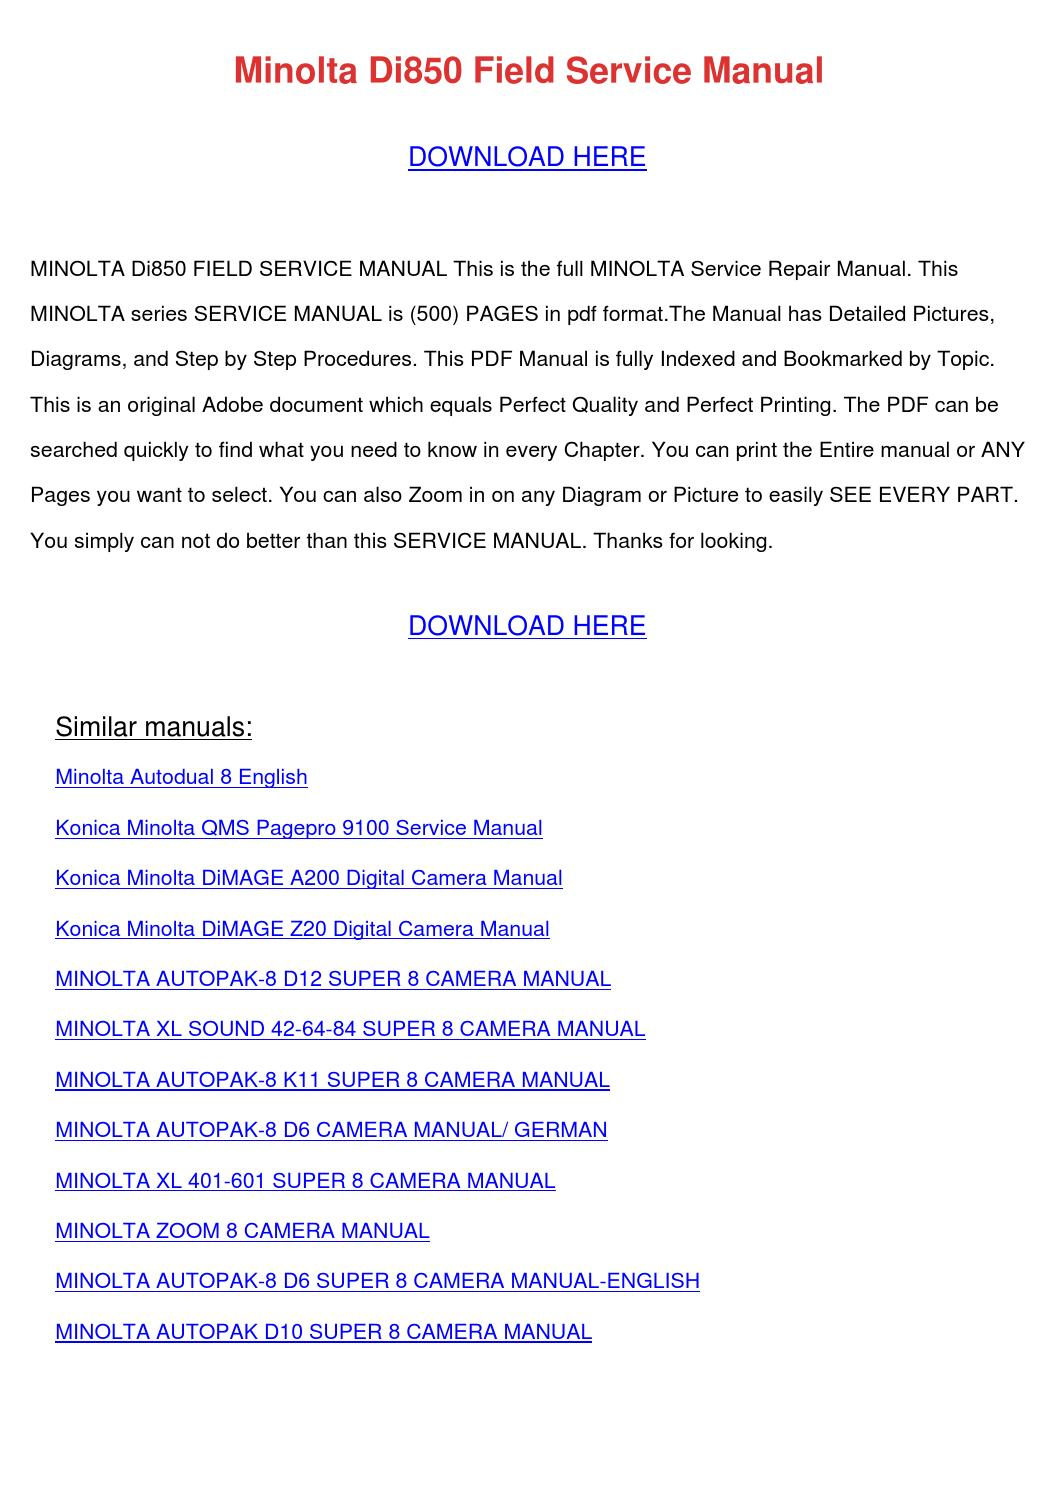 minolta di850 field service manual by leilalanders issuu rh issuu com